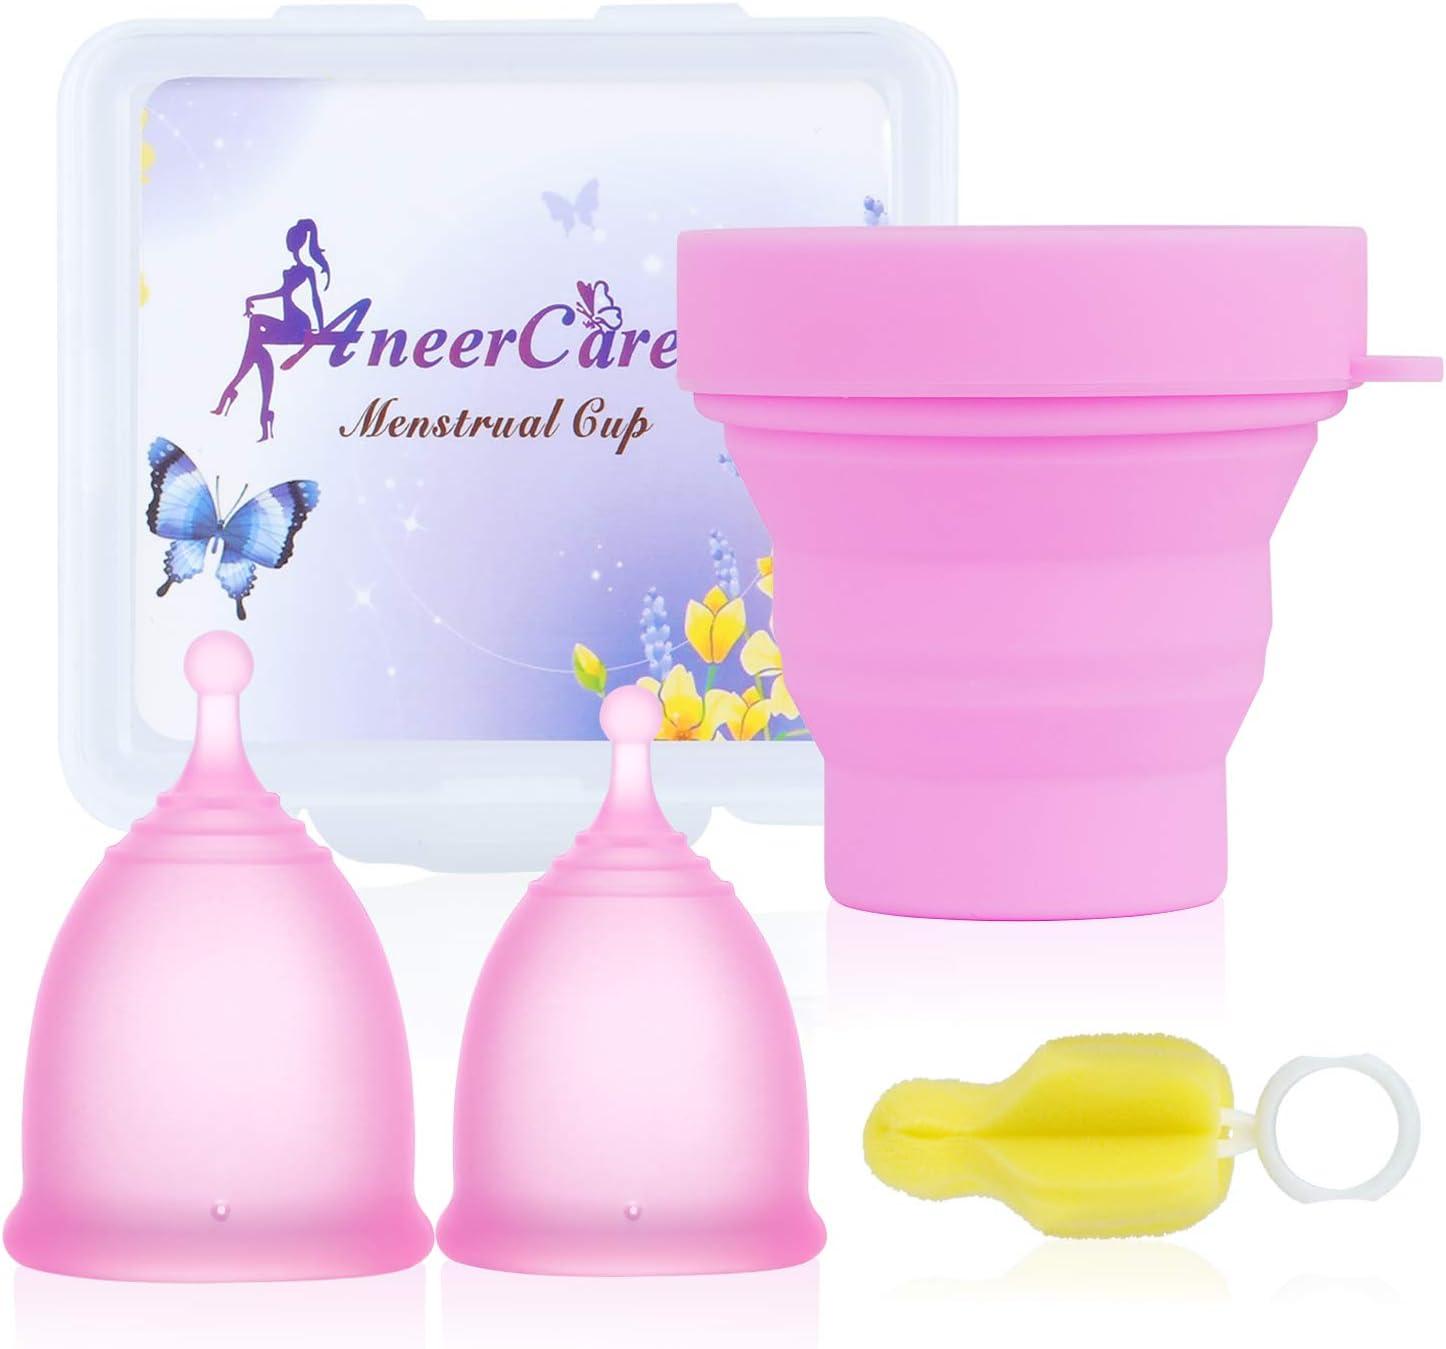 Aneercare - Juego de tazas menstruales plegables de limpieza, una taza menstrual pequeña y grande, con caja de almacenamiento PP y cepillo de limpieza ...